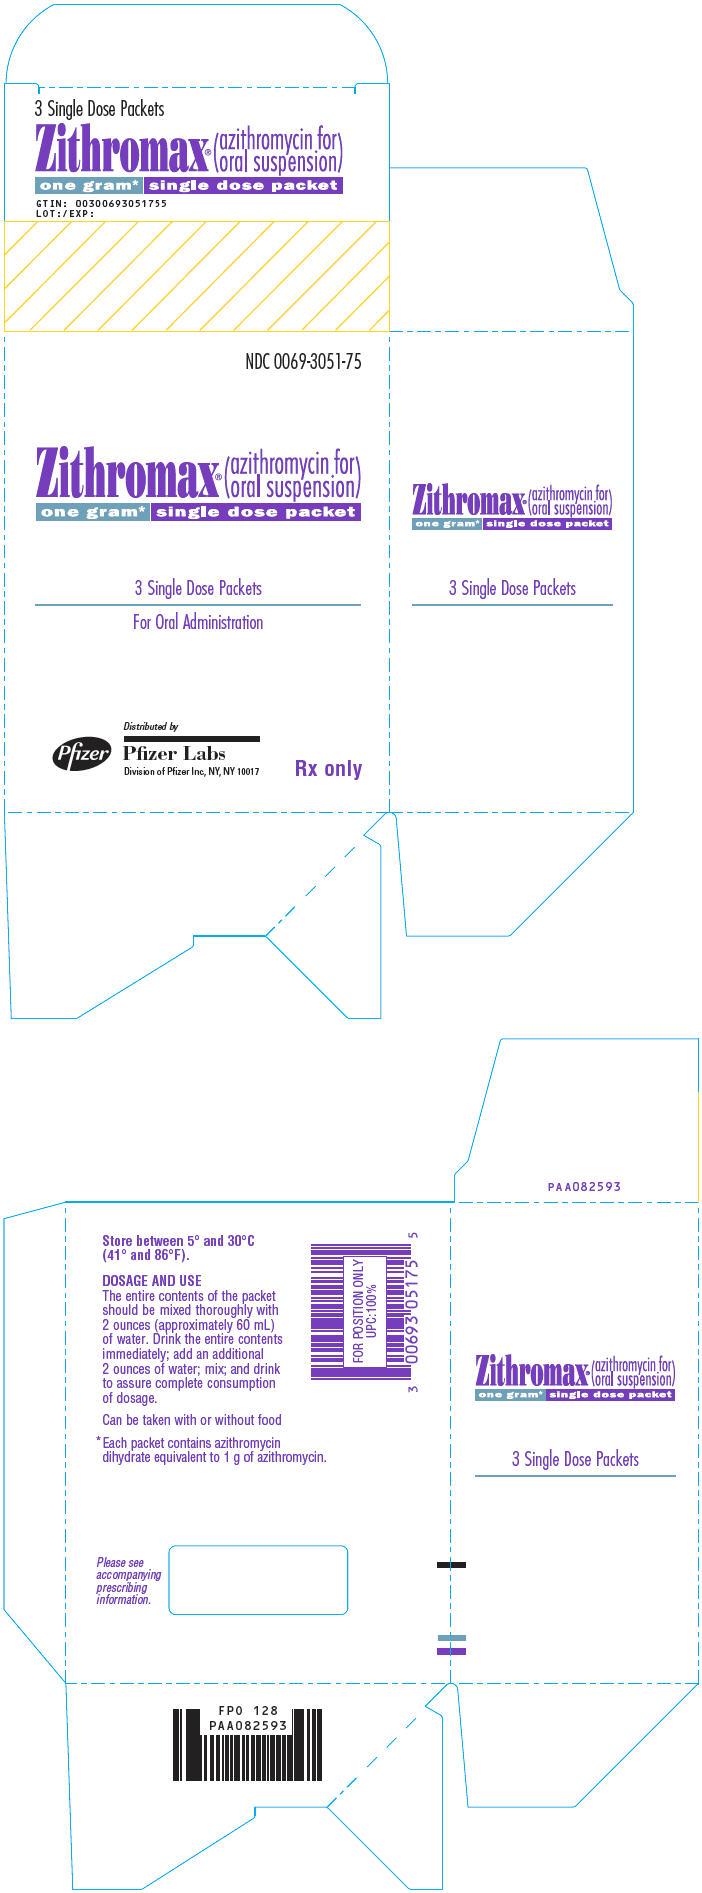 PRINCIPAL DISPLAY PANEL - 1 g Packet Box